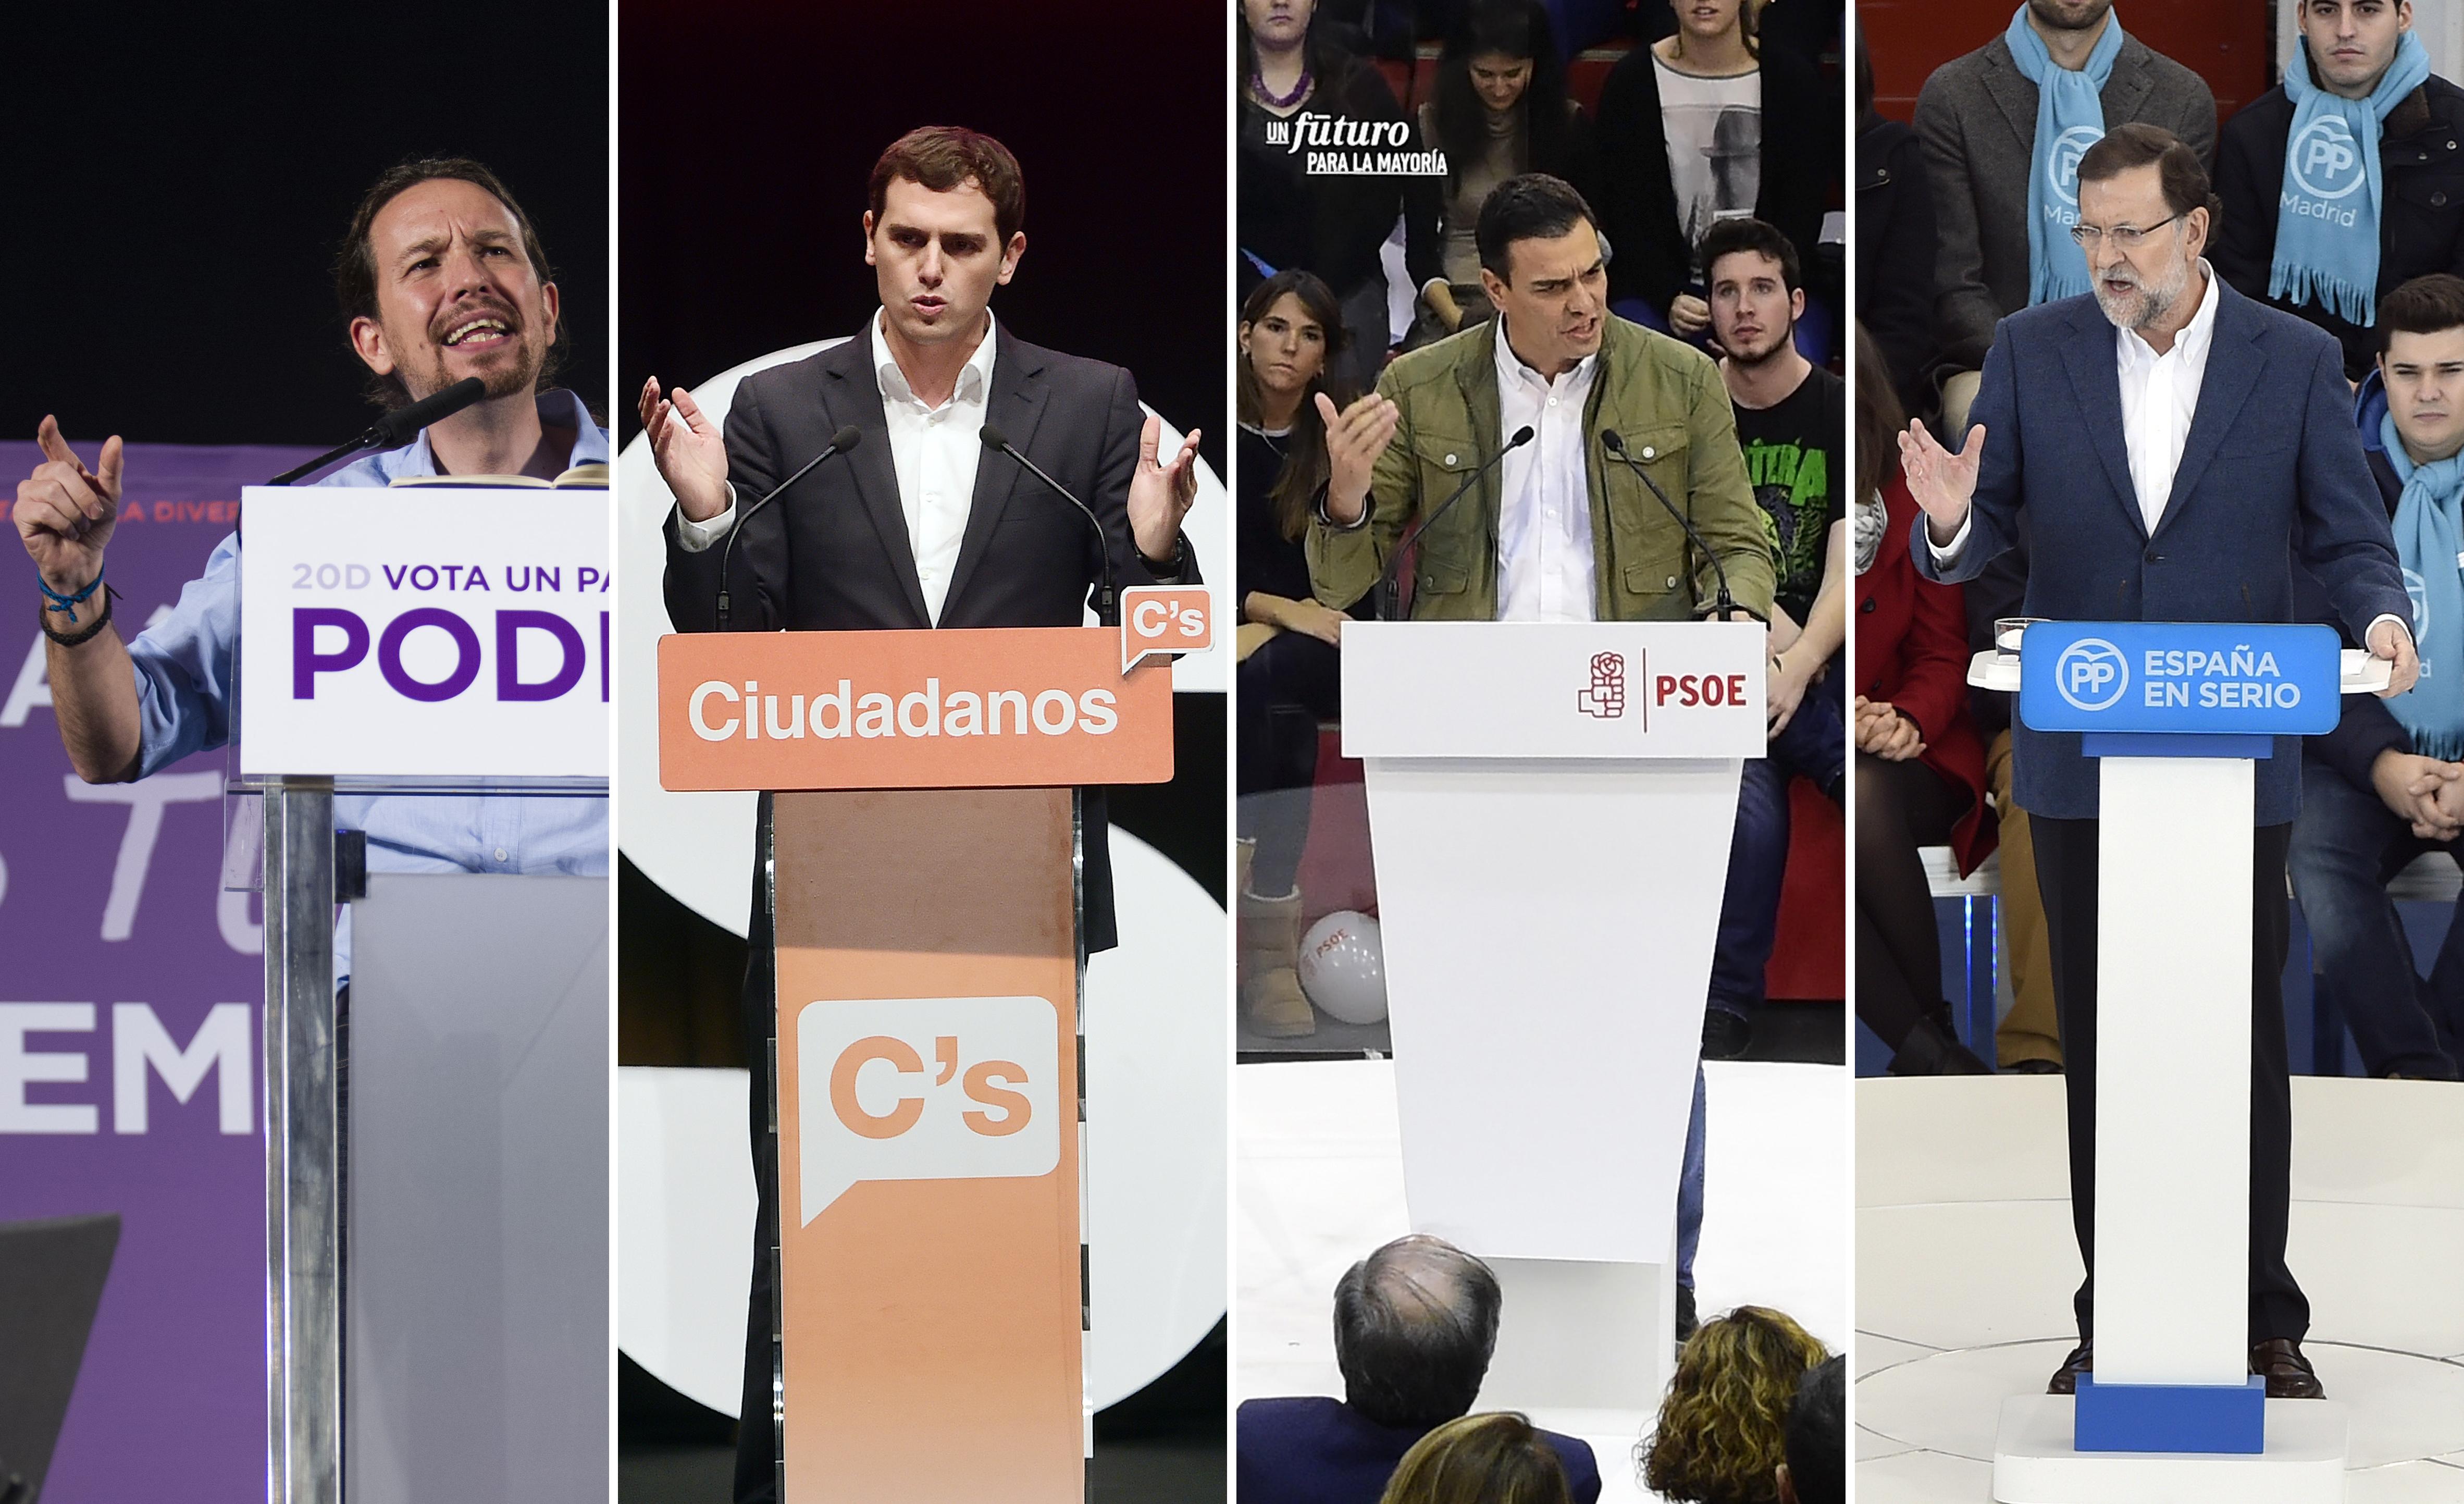 Megdől a kétpártrendszer a spanyol választásokon